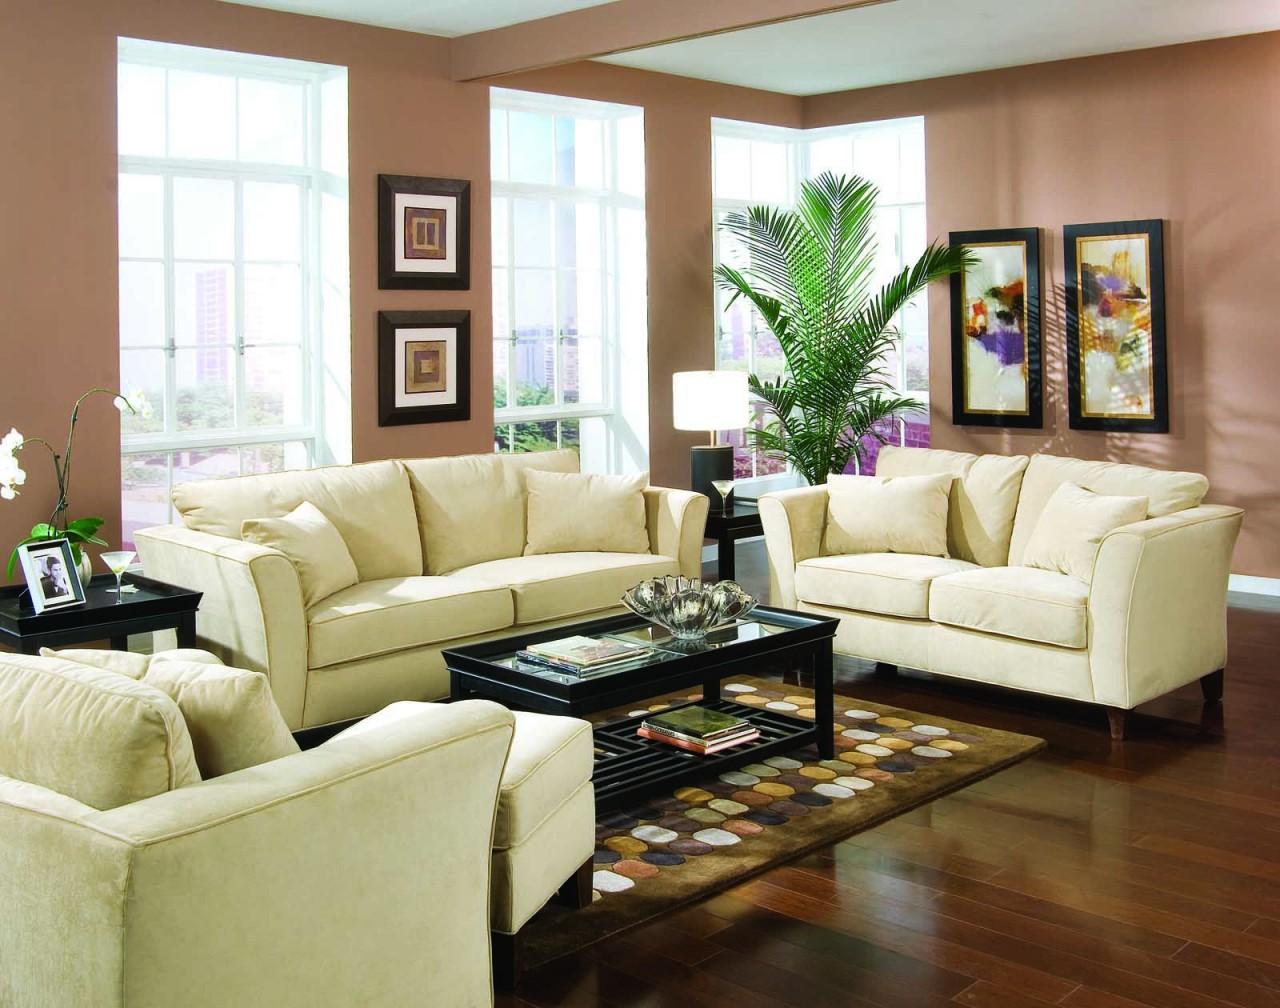 modern living room ideas feng shui colors   Diseñadora de Interiores: Decoración con Feng-shui